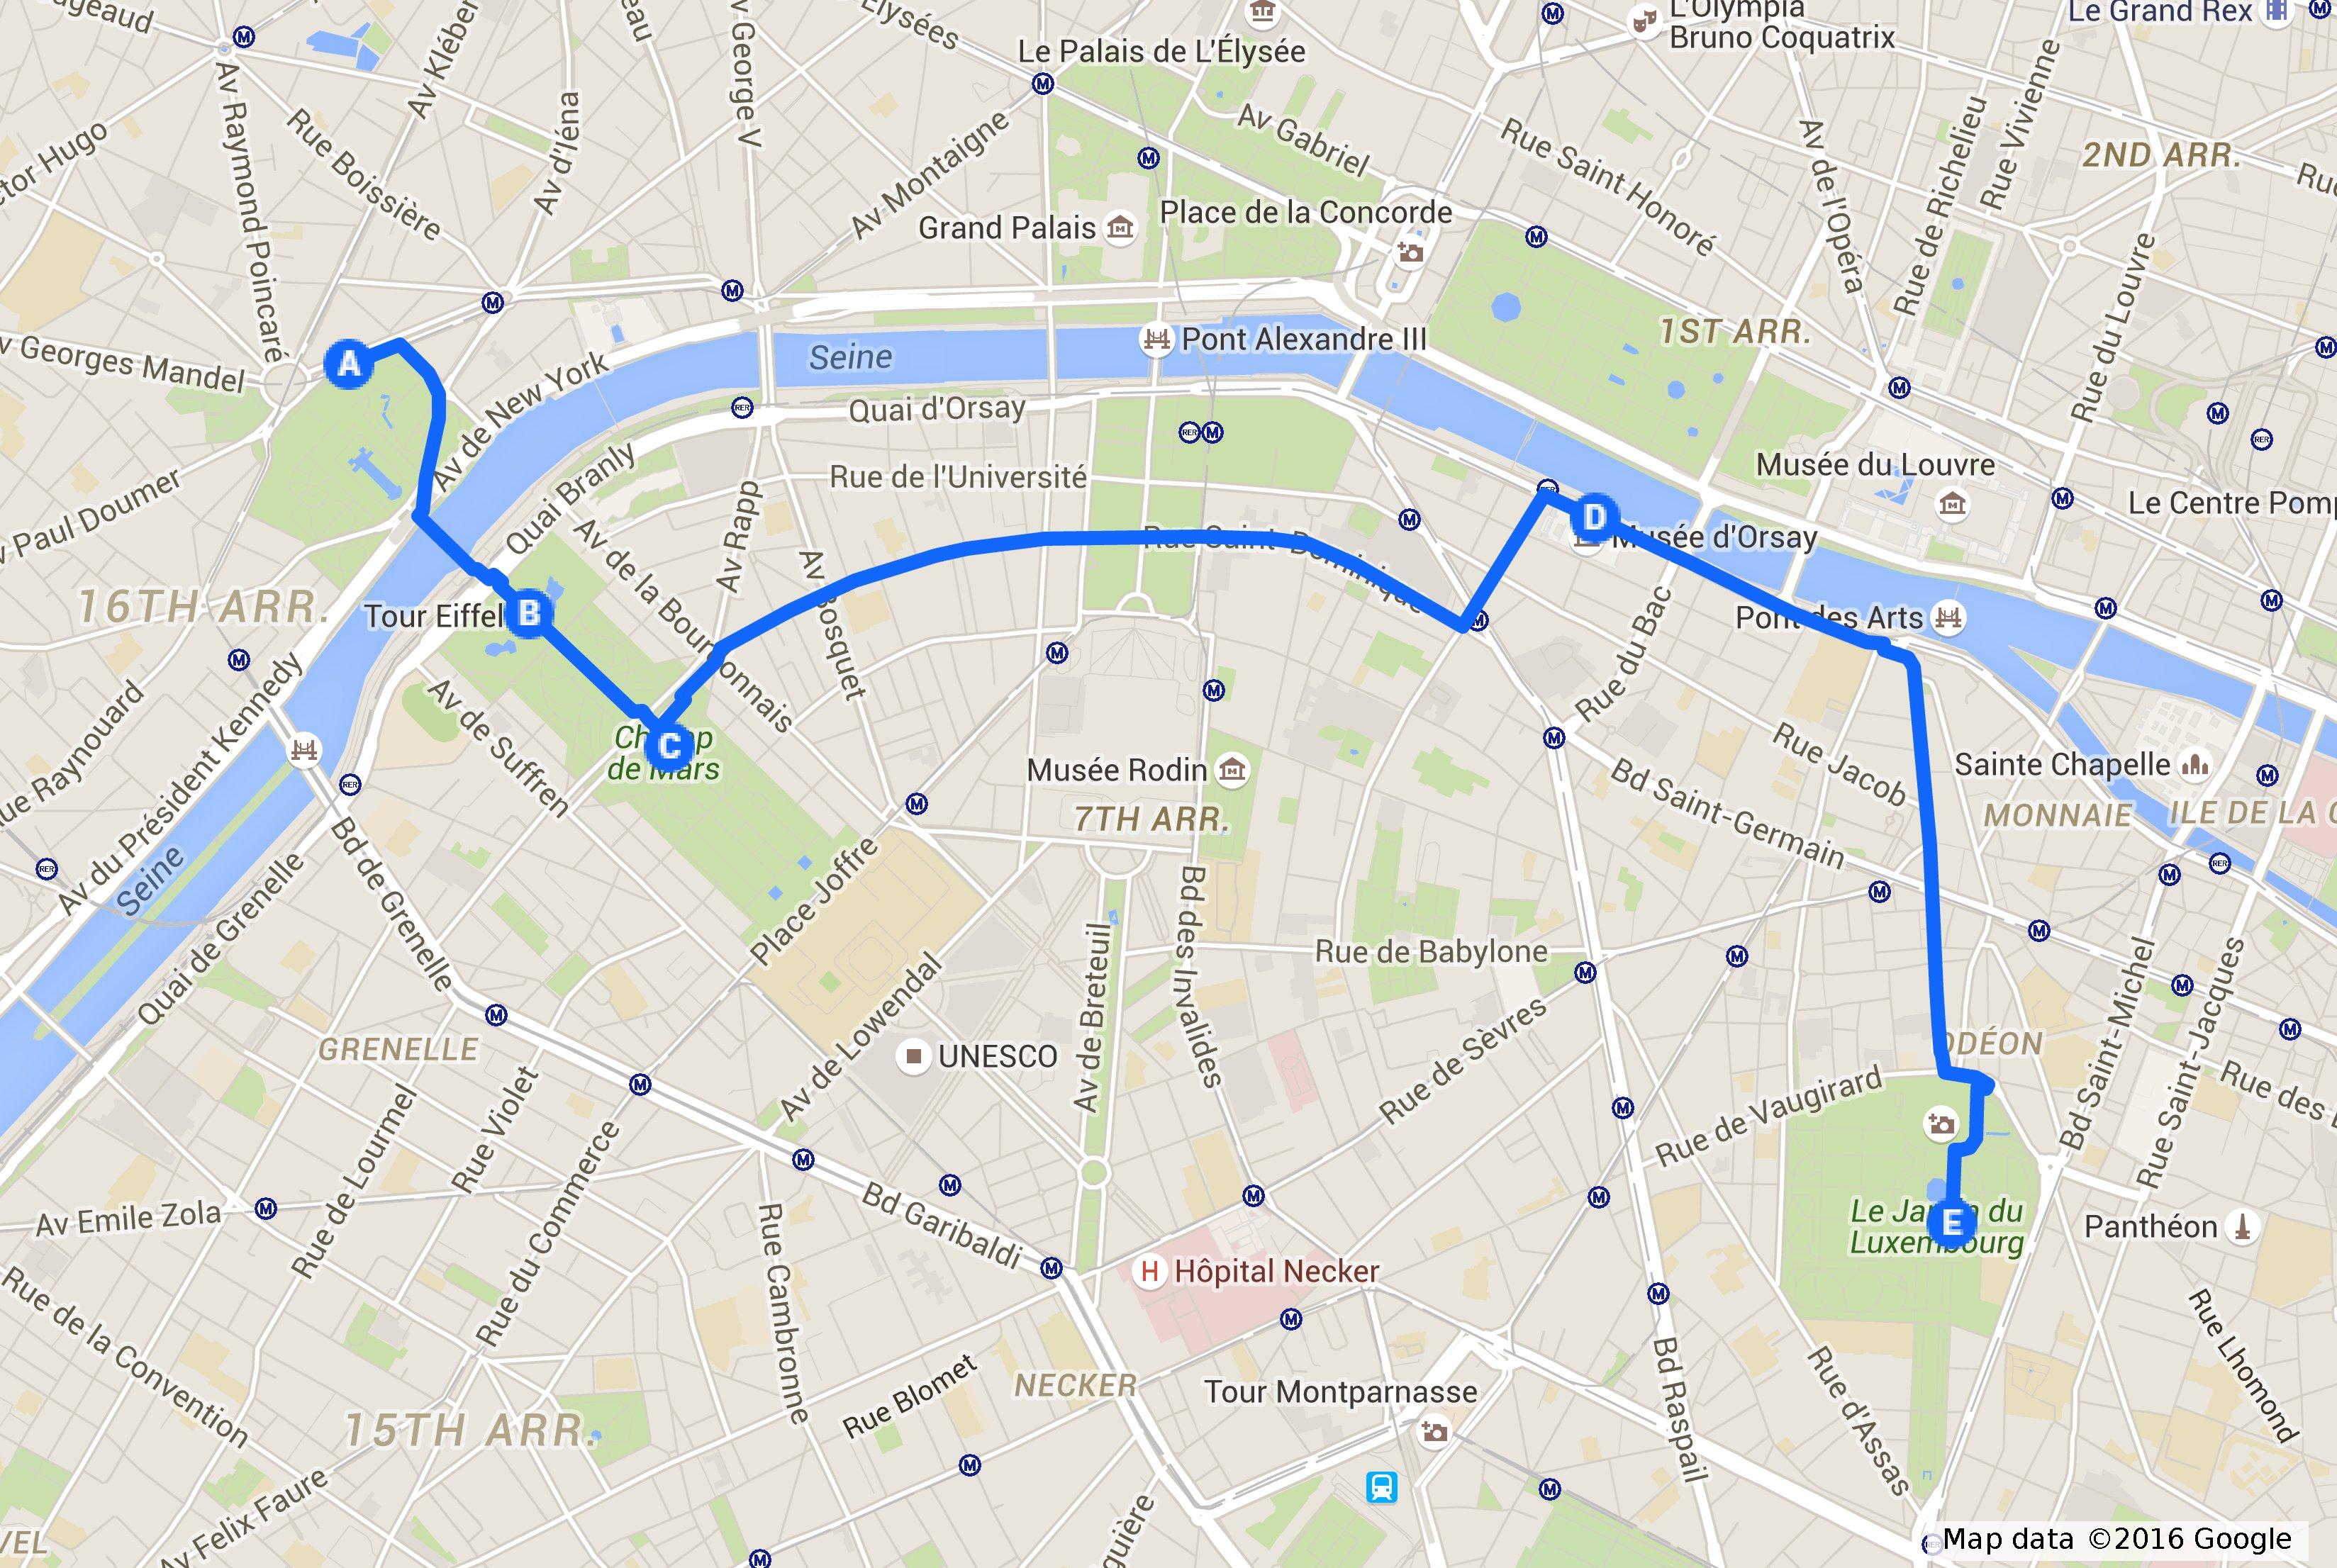 Cartina Parigi Con Quartieri.3 Giorni Di Emozioni A Parigi Il Mio Itinerario Strade Parole